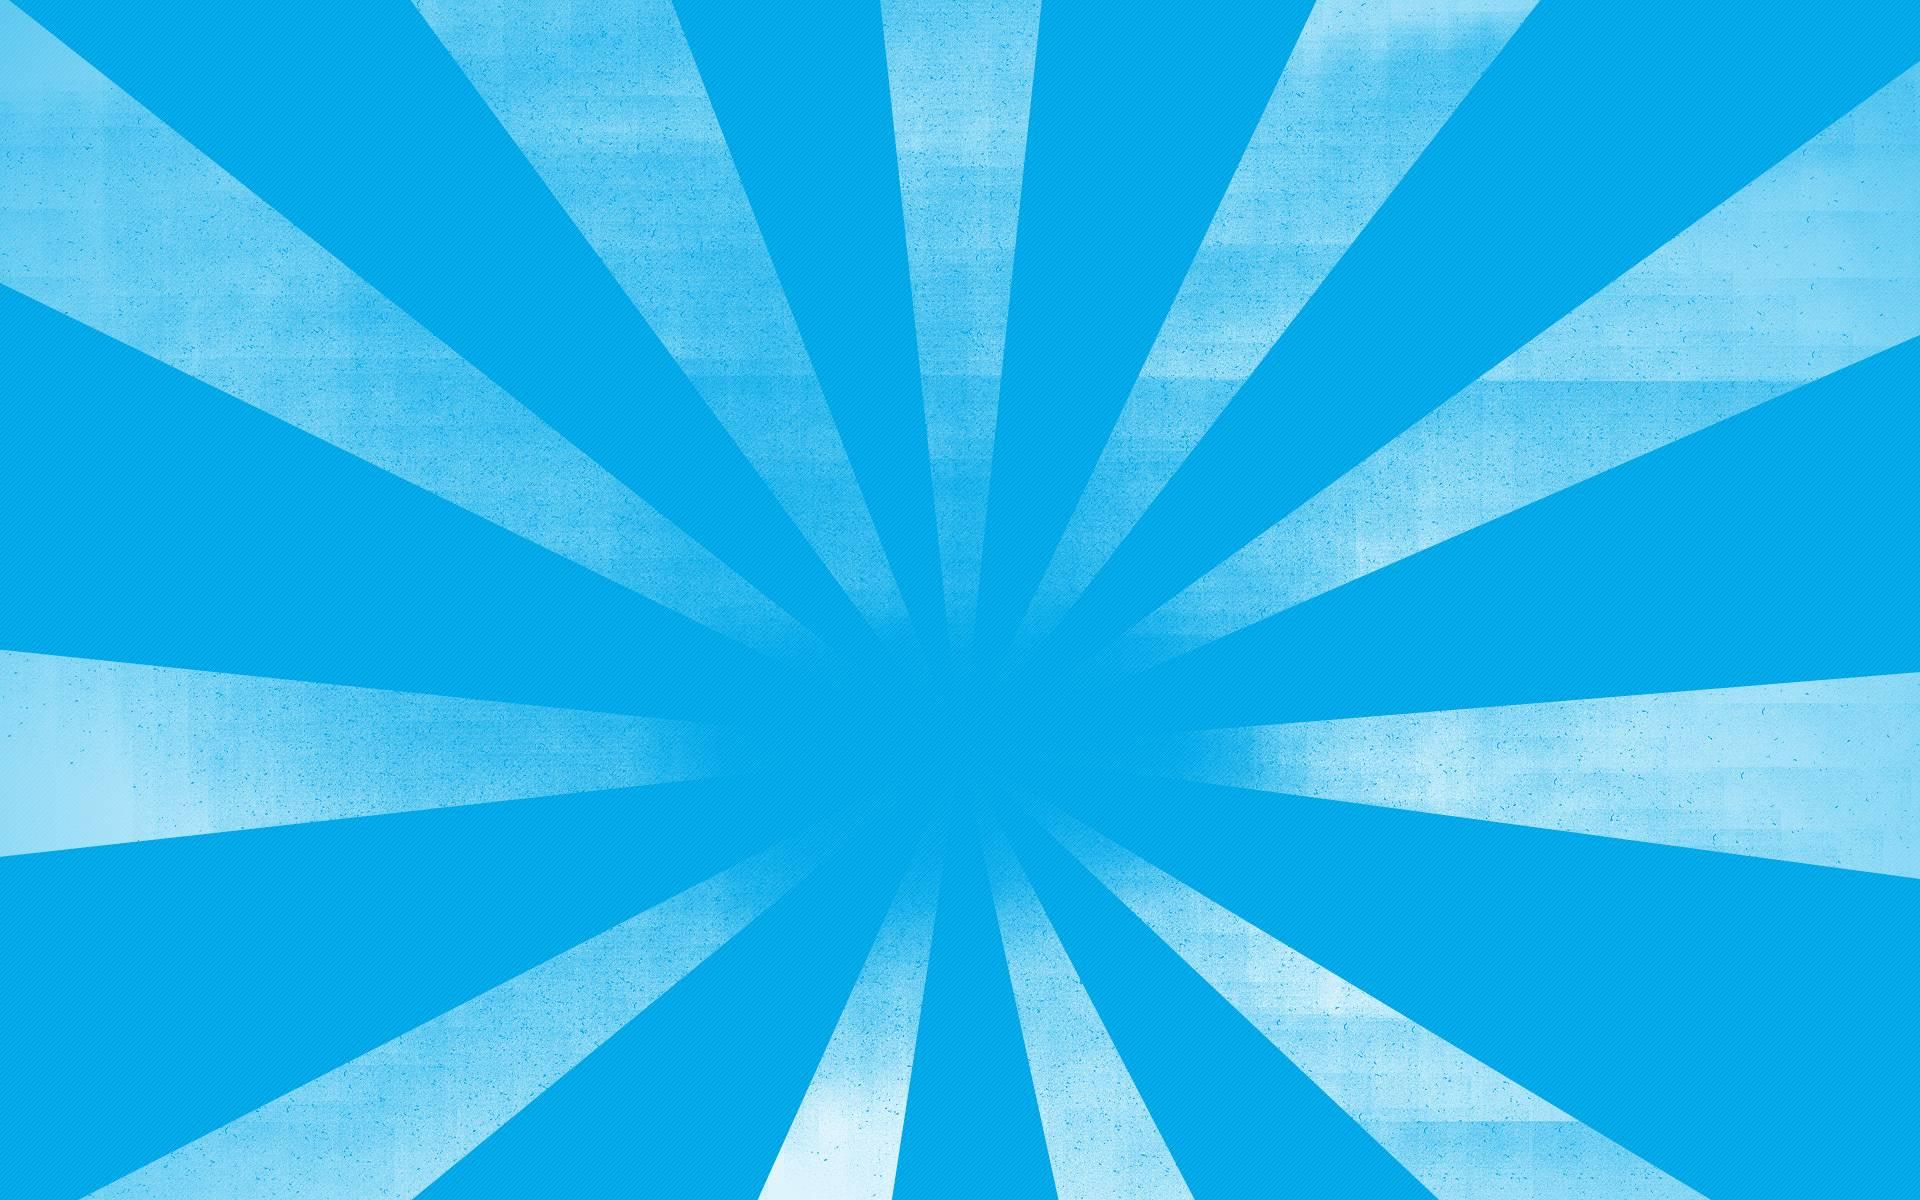 Fall Hipster Wallpapers Light Blue Wallpaper Backgrounds Pixelstalk Net